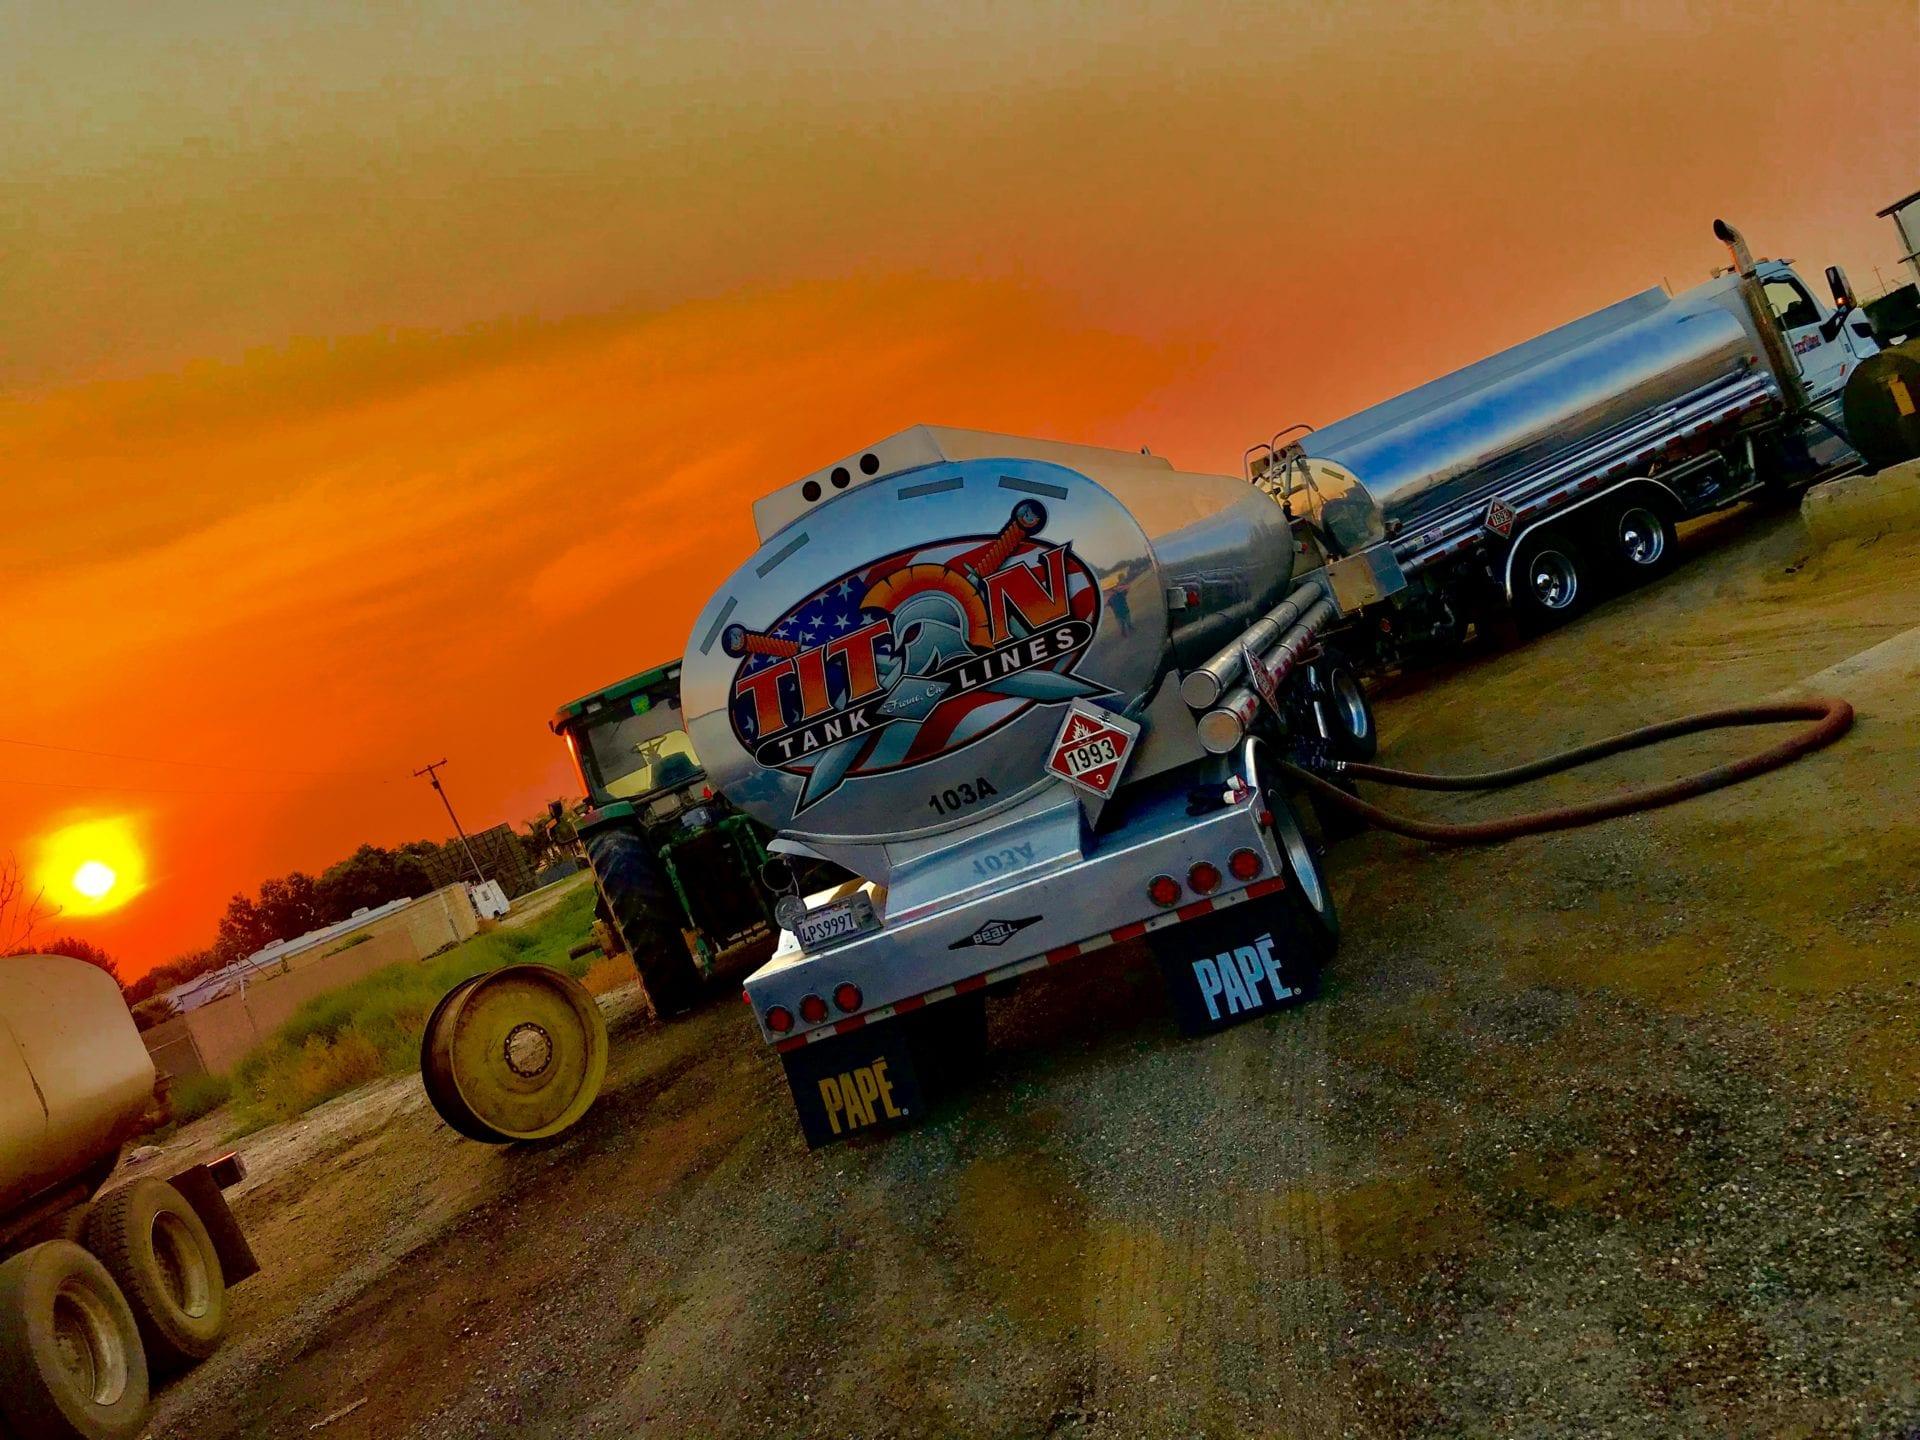 2b25df28-3f99-4373-bc6a-986986fec82cTitan Truck 7